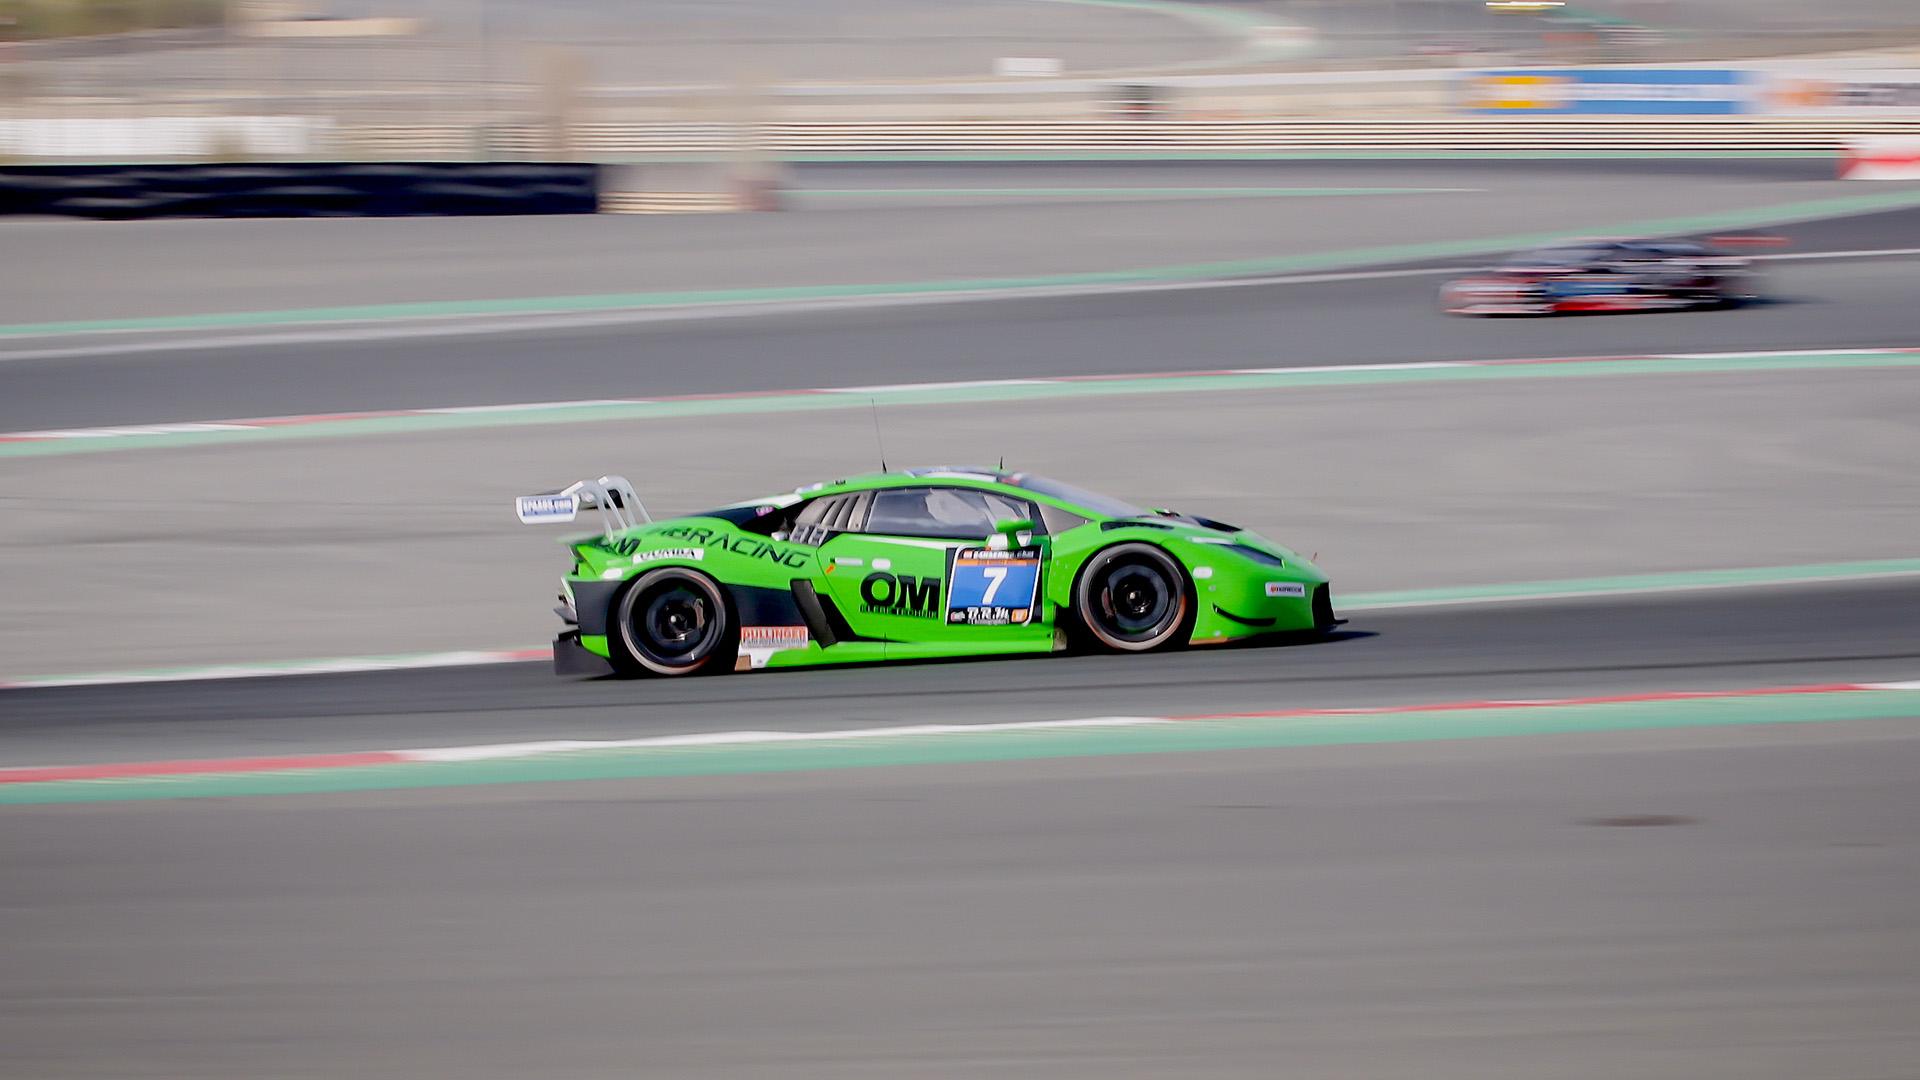 Feuer beendet 24-Stunden-Rennen in Dubai für Norbert Siedler vorzeitig